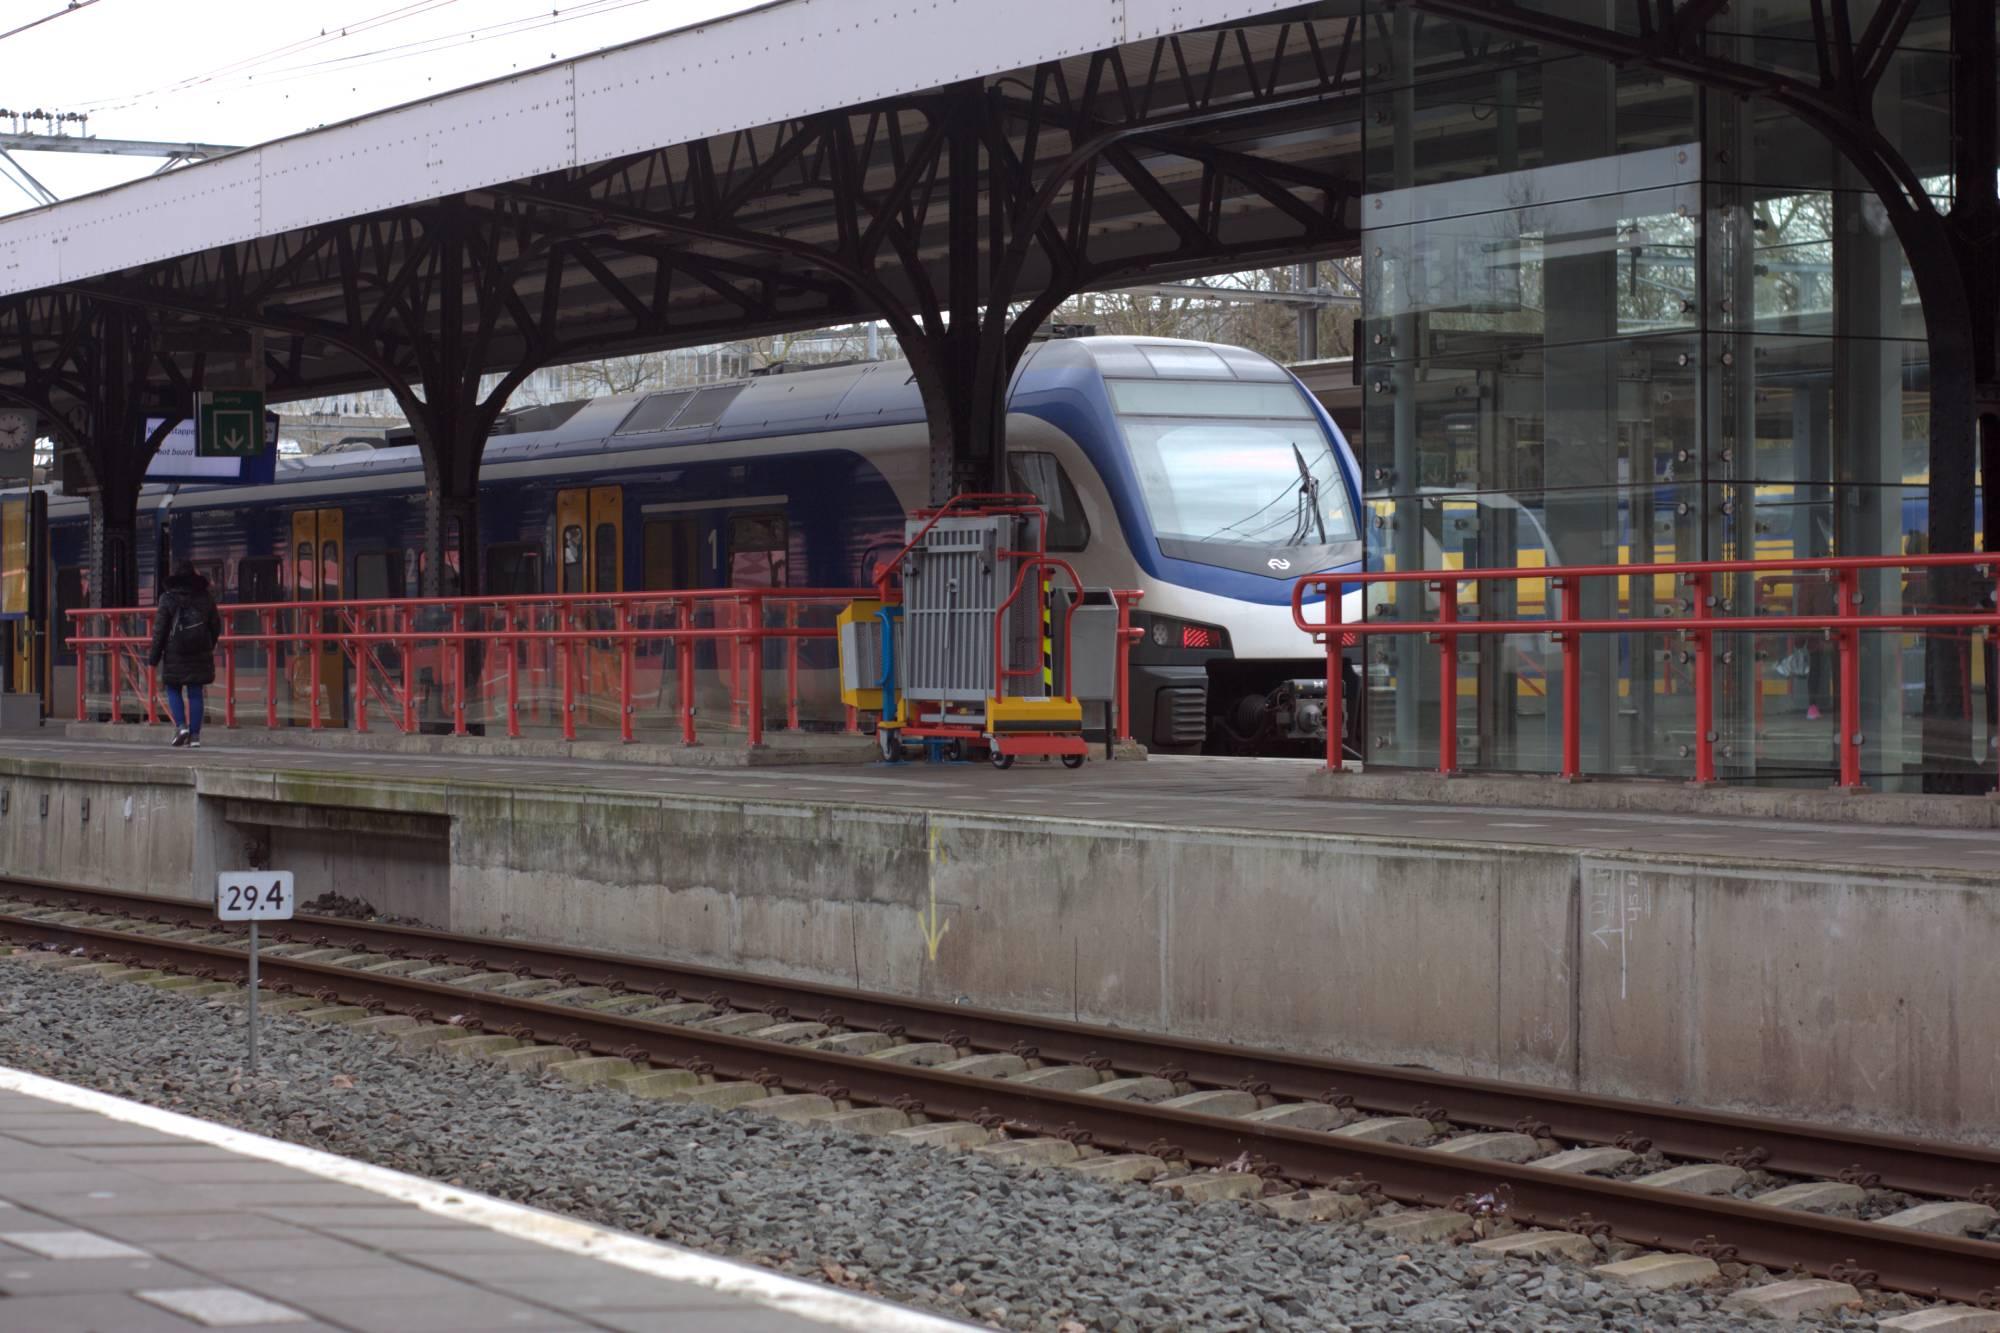 Trein Dordrecht CS Station NS sprinter - indebuurt Dordrecht